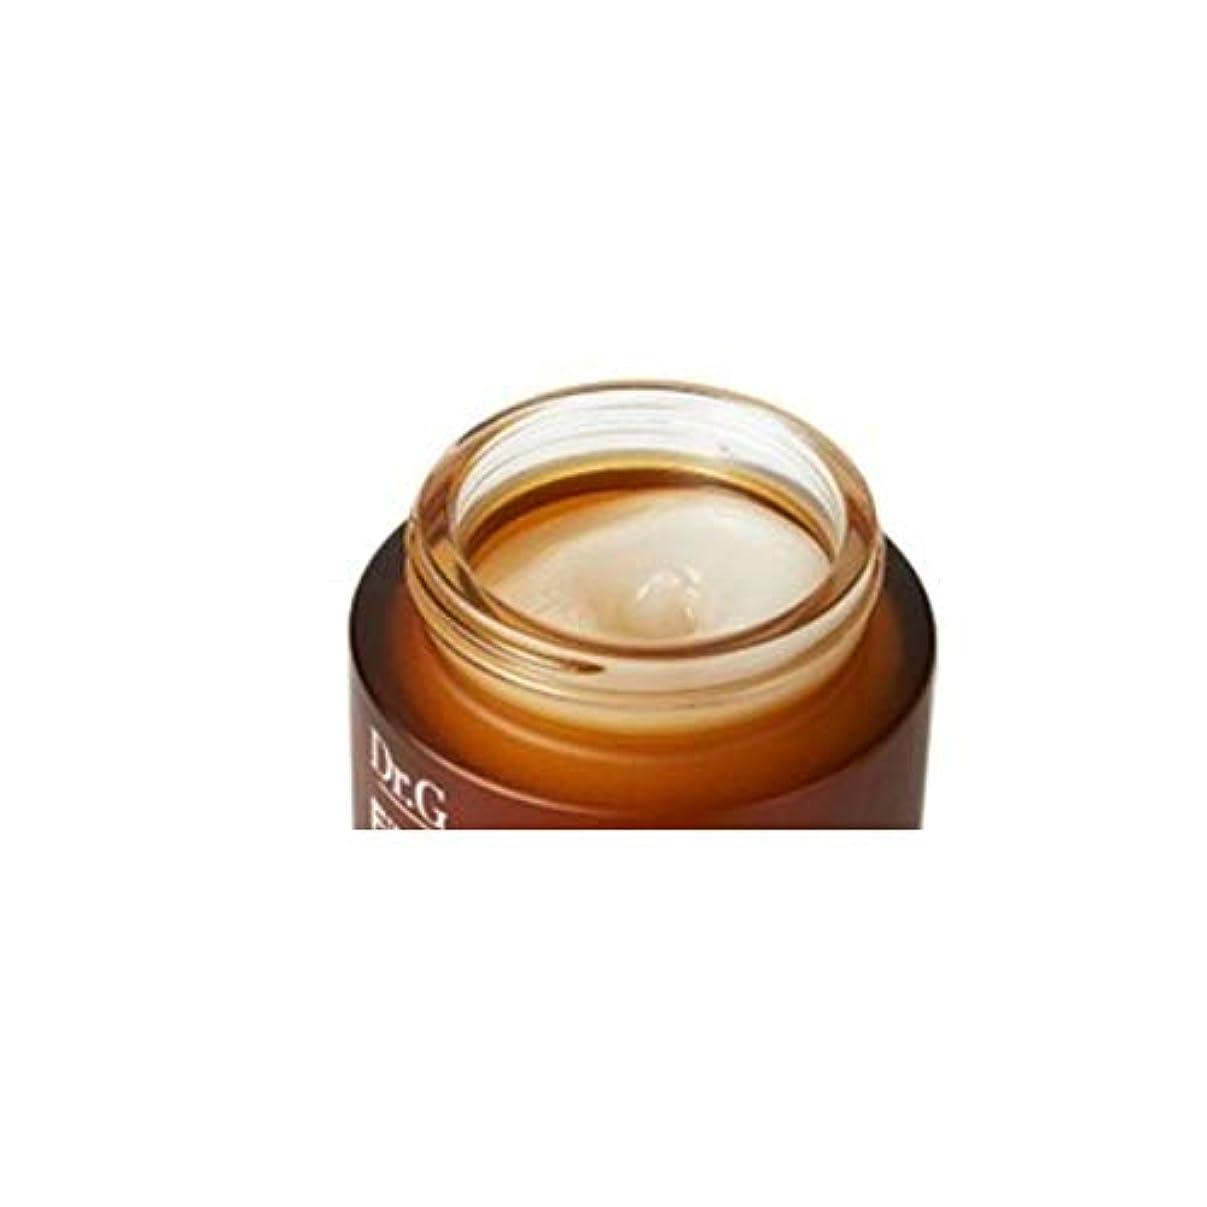 重なる実装する杖ドクターGピラーグリーンバリアBalm 50mlx2本セット お肌の保湿 韓国コスメ、Dr.G Filagrin Barrier Balm 50ml x 2ea Set Korean Cosmetics [並行輸入品]